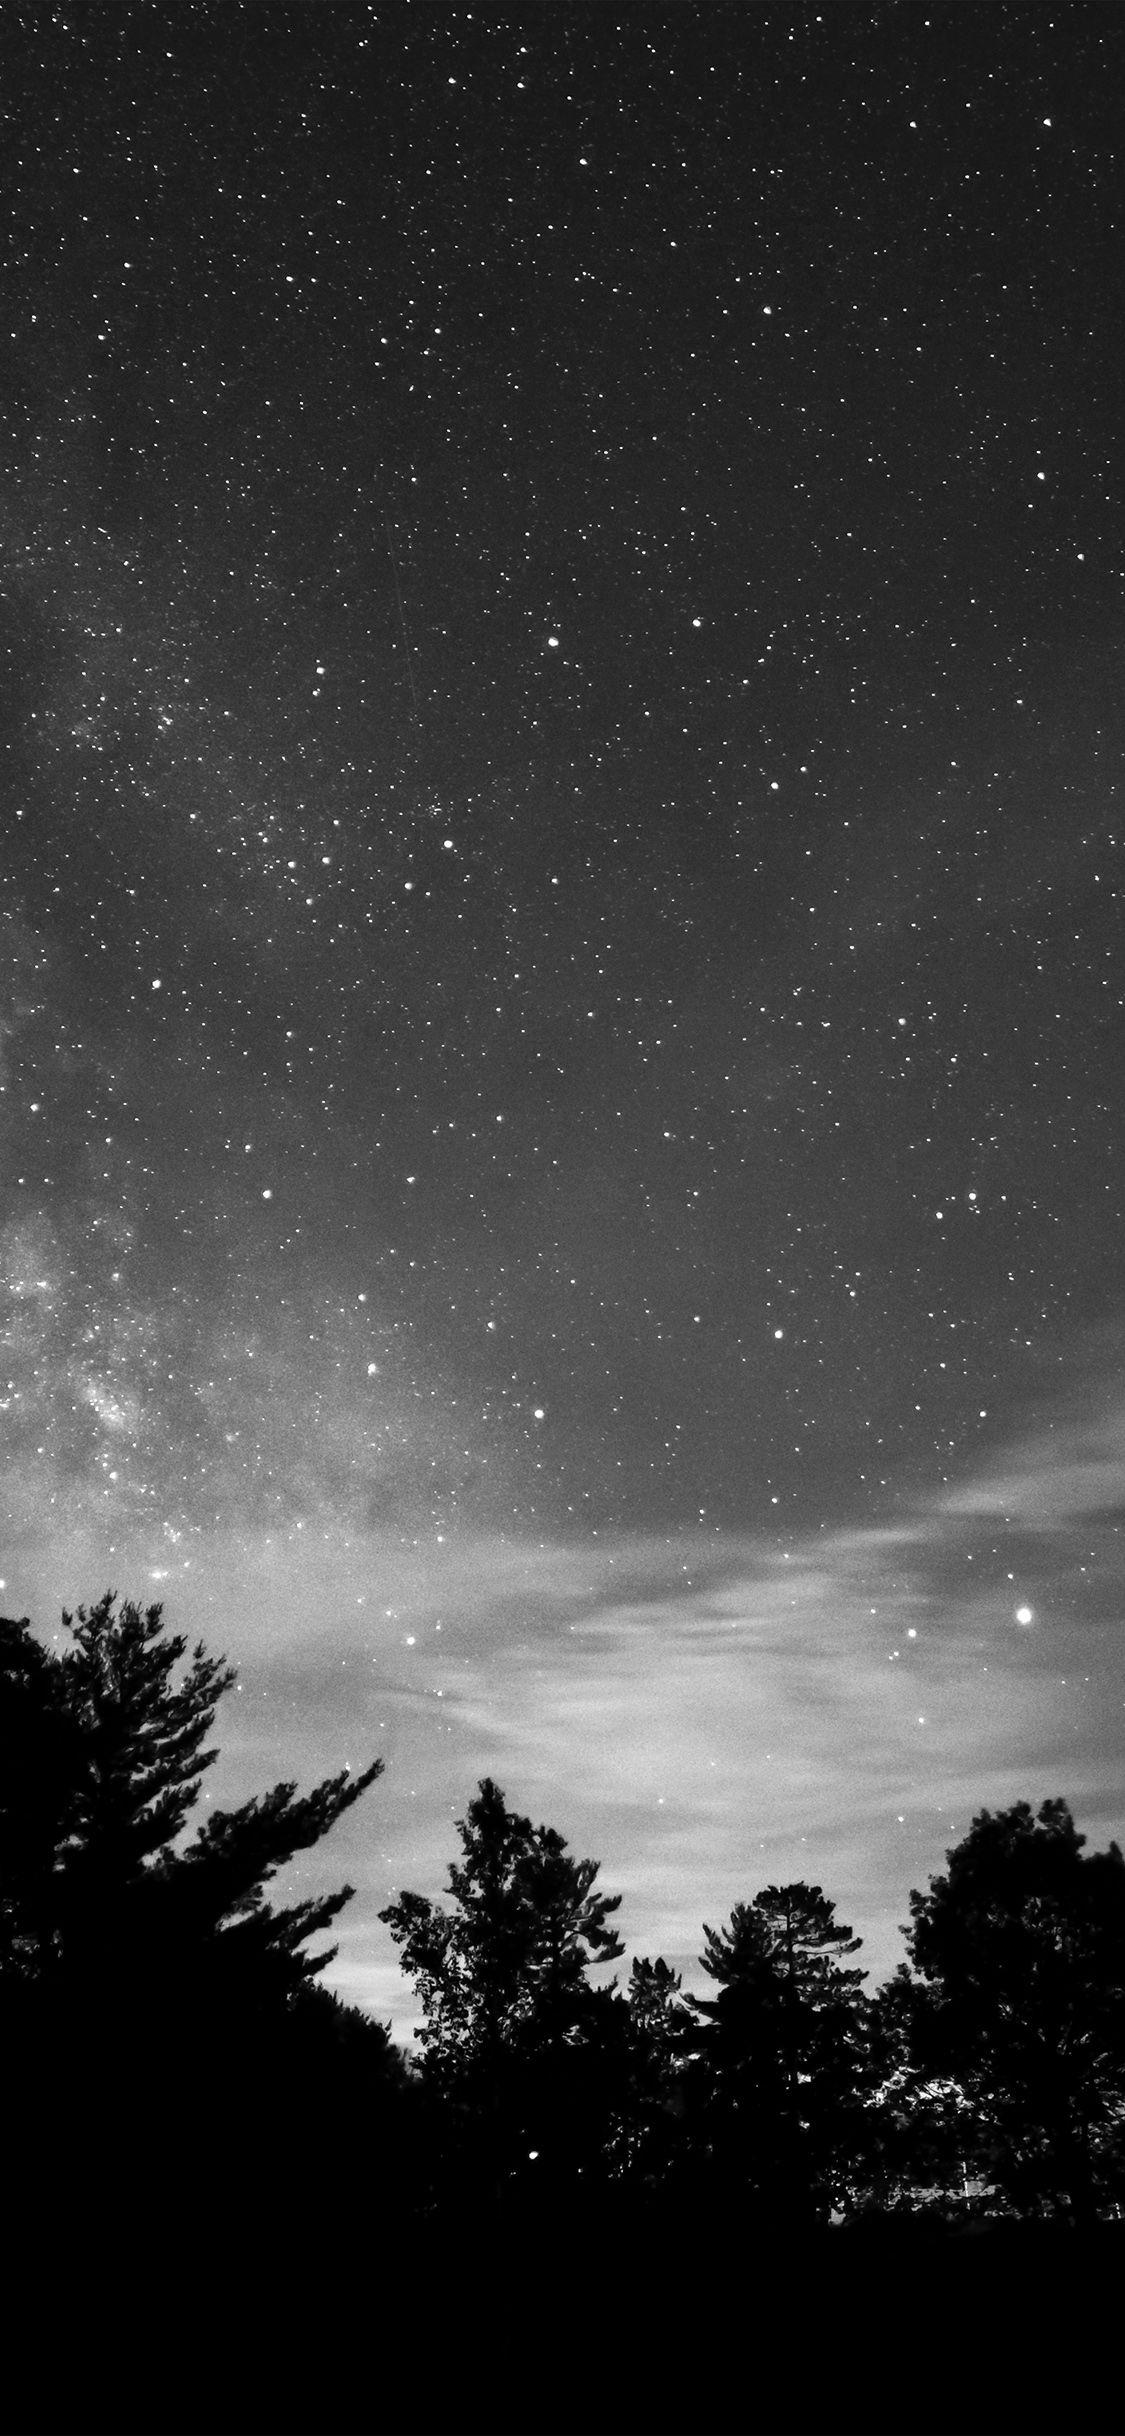 Iphonex Wallpaper Mv72 Sky Night Star Dark Mountain Cloud Shadow Bw Night Sky Wallpaper Dark Mountains Clouds Wallpaper Iphone